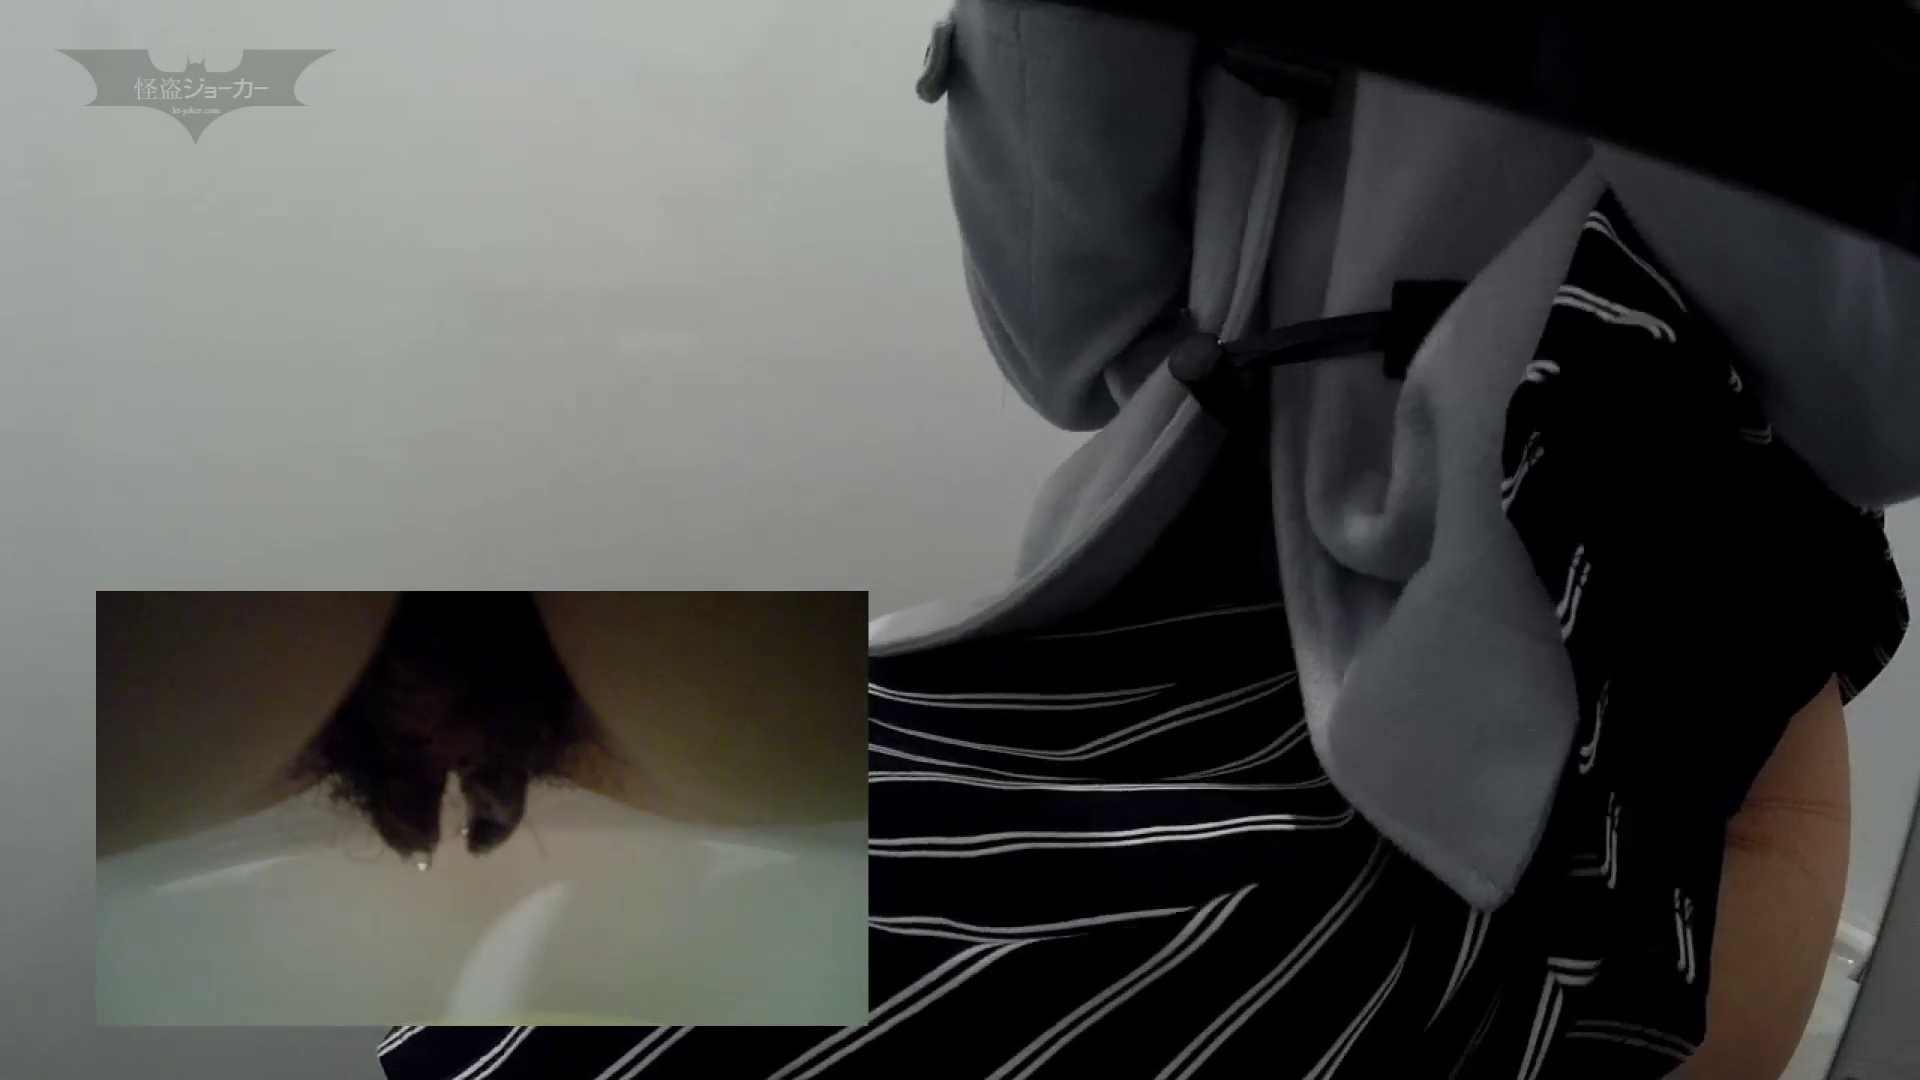 有名大学女性洗面所 vol.57 S級美女マルチアングル撮り!! マルチアングル  80PIX 63